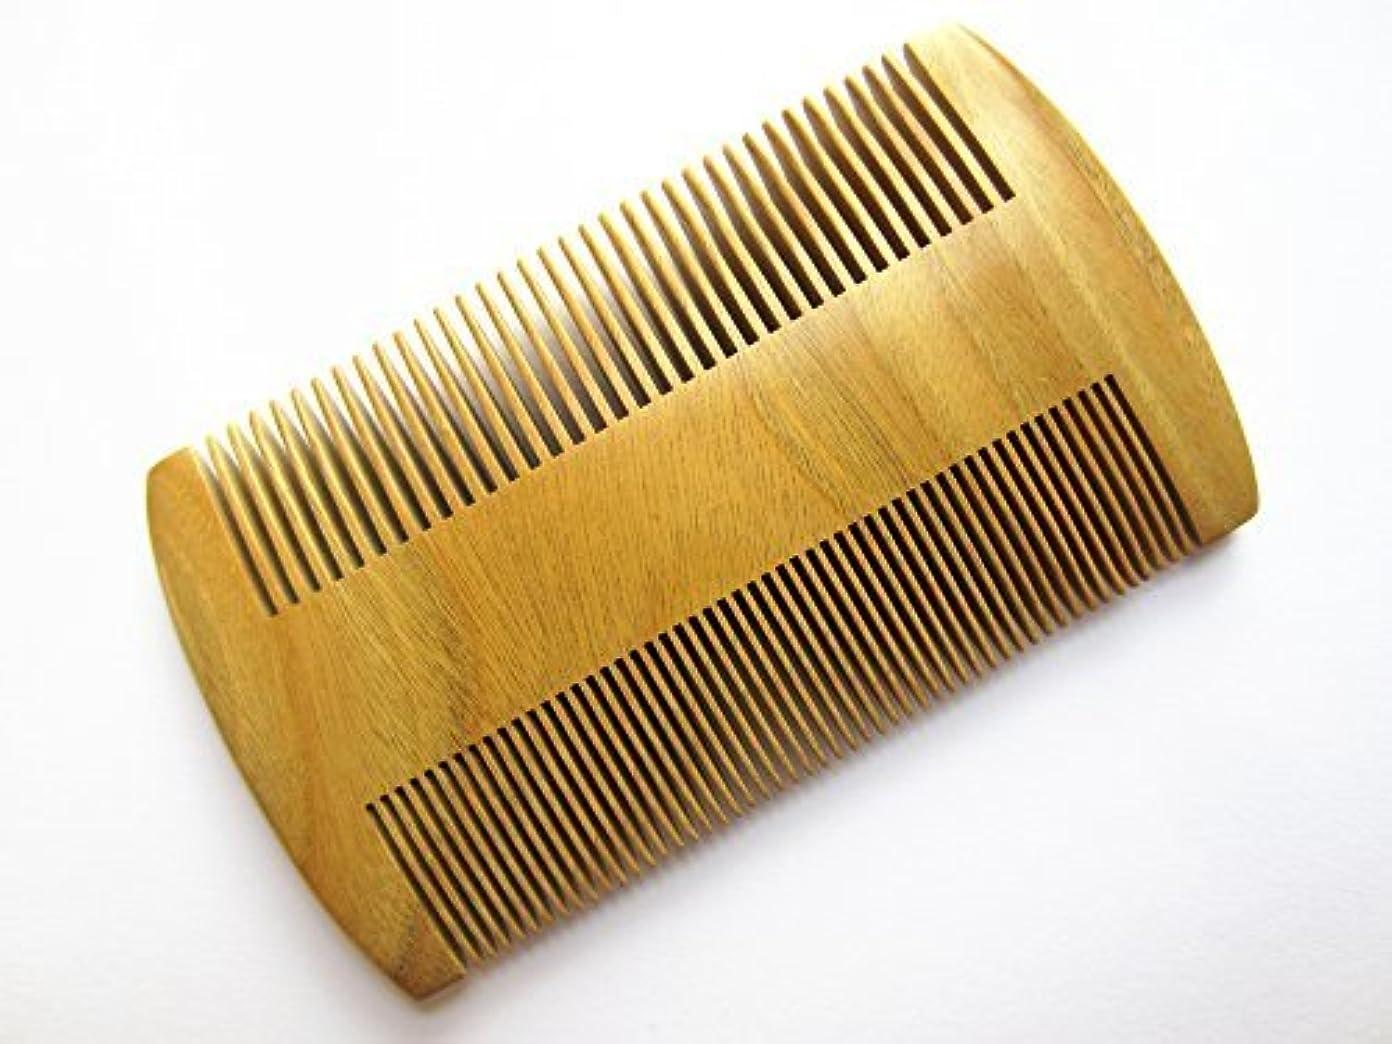 生まれリングバック殺しますMyhsmooth GS-S2M-N2F Handmade Natural Green Sandalwood No Static Pocket Comb Perfect Beard Comb with Aromatic...